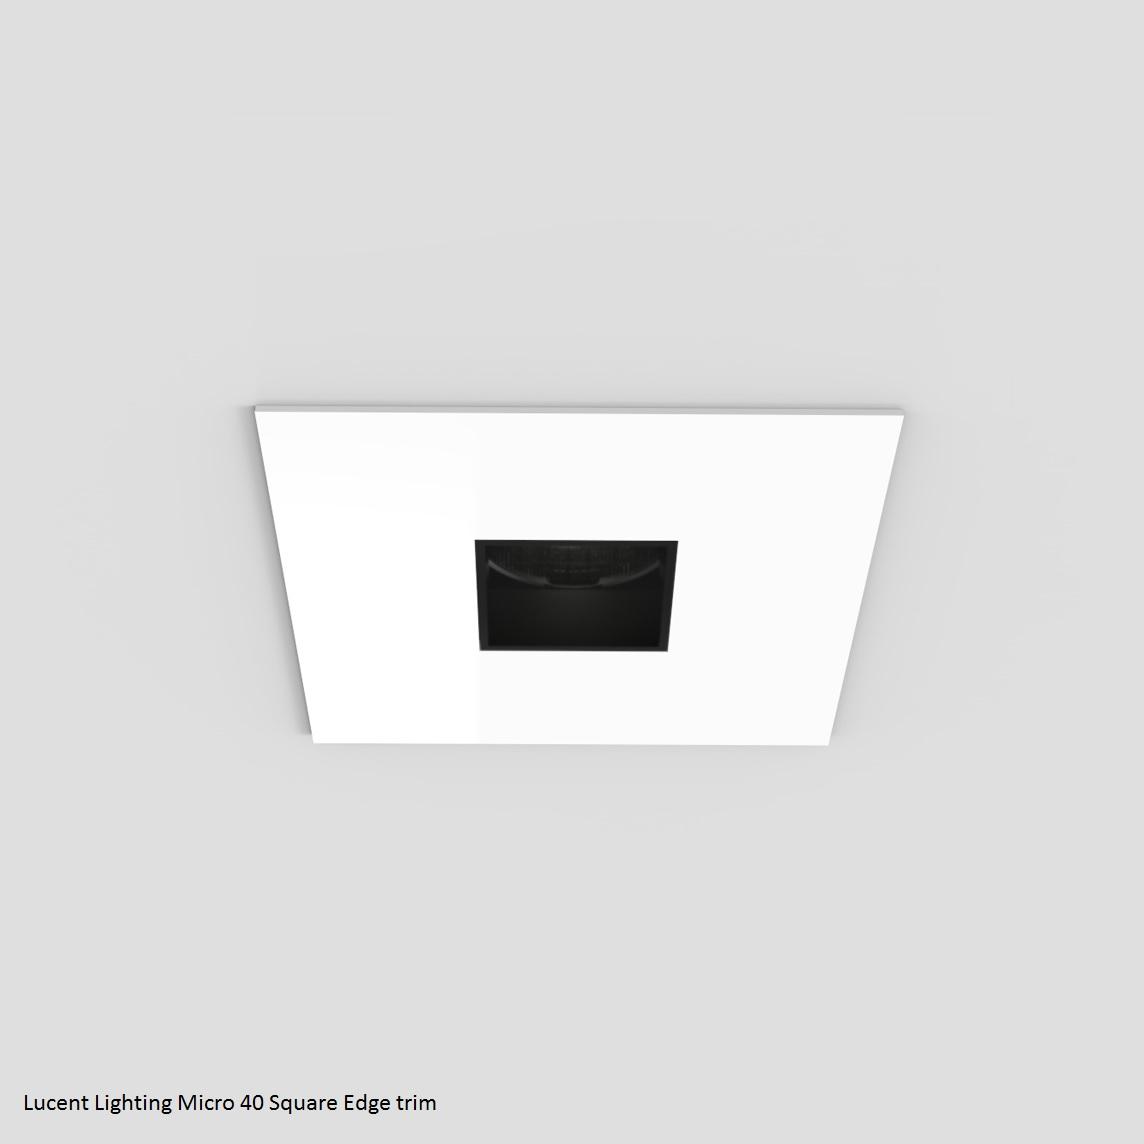 lucent-lighting-micro-40-square-edge-trim